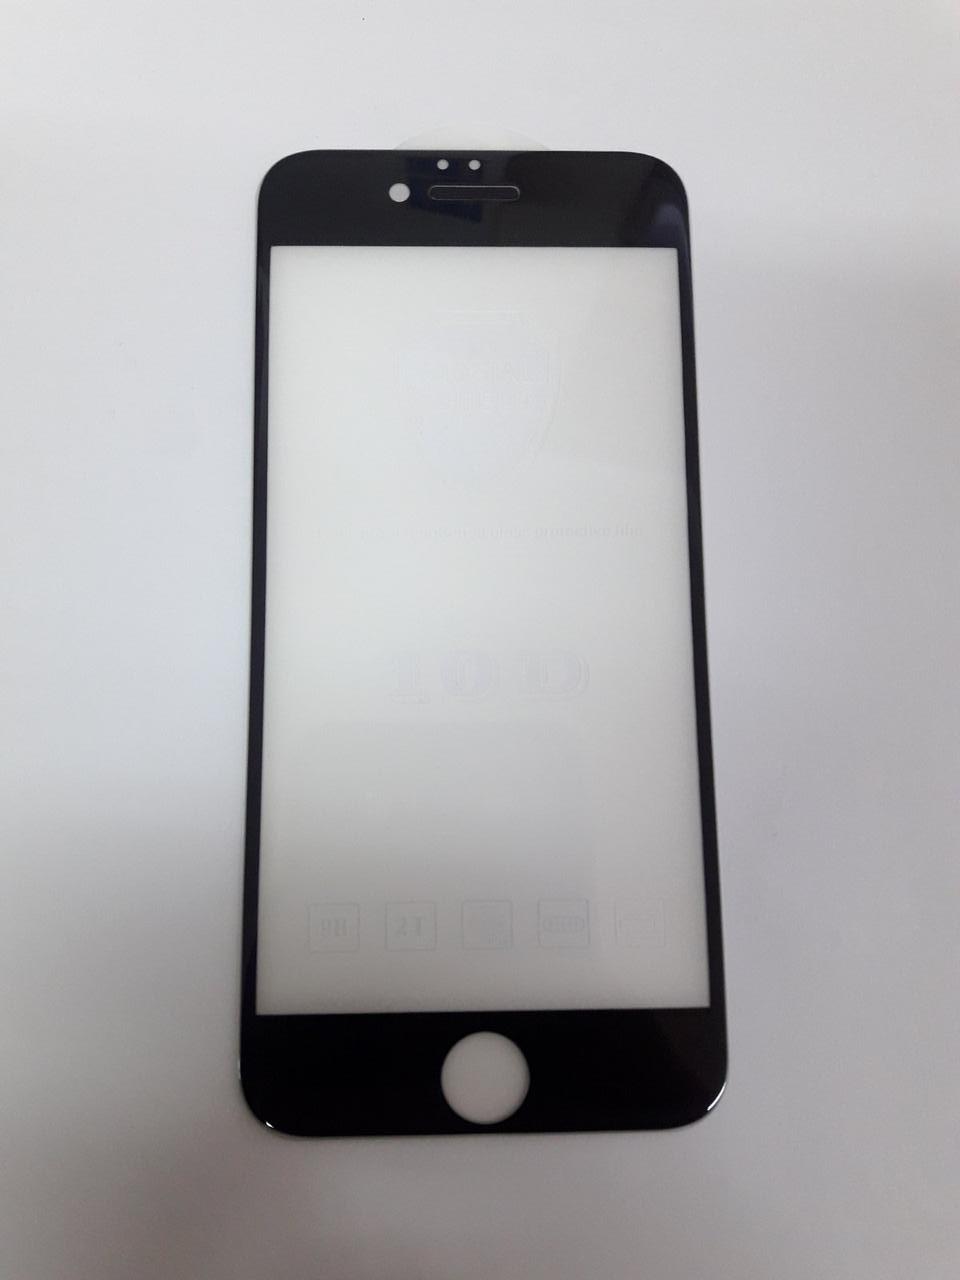 Защитное стекло для iPhone 7 10D Dust Proof Full Glue защитная сетка